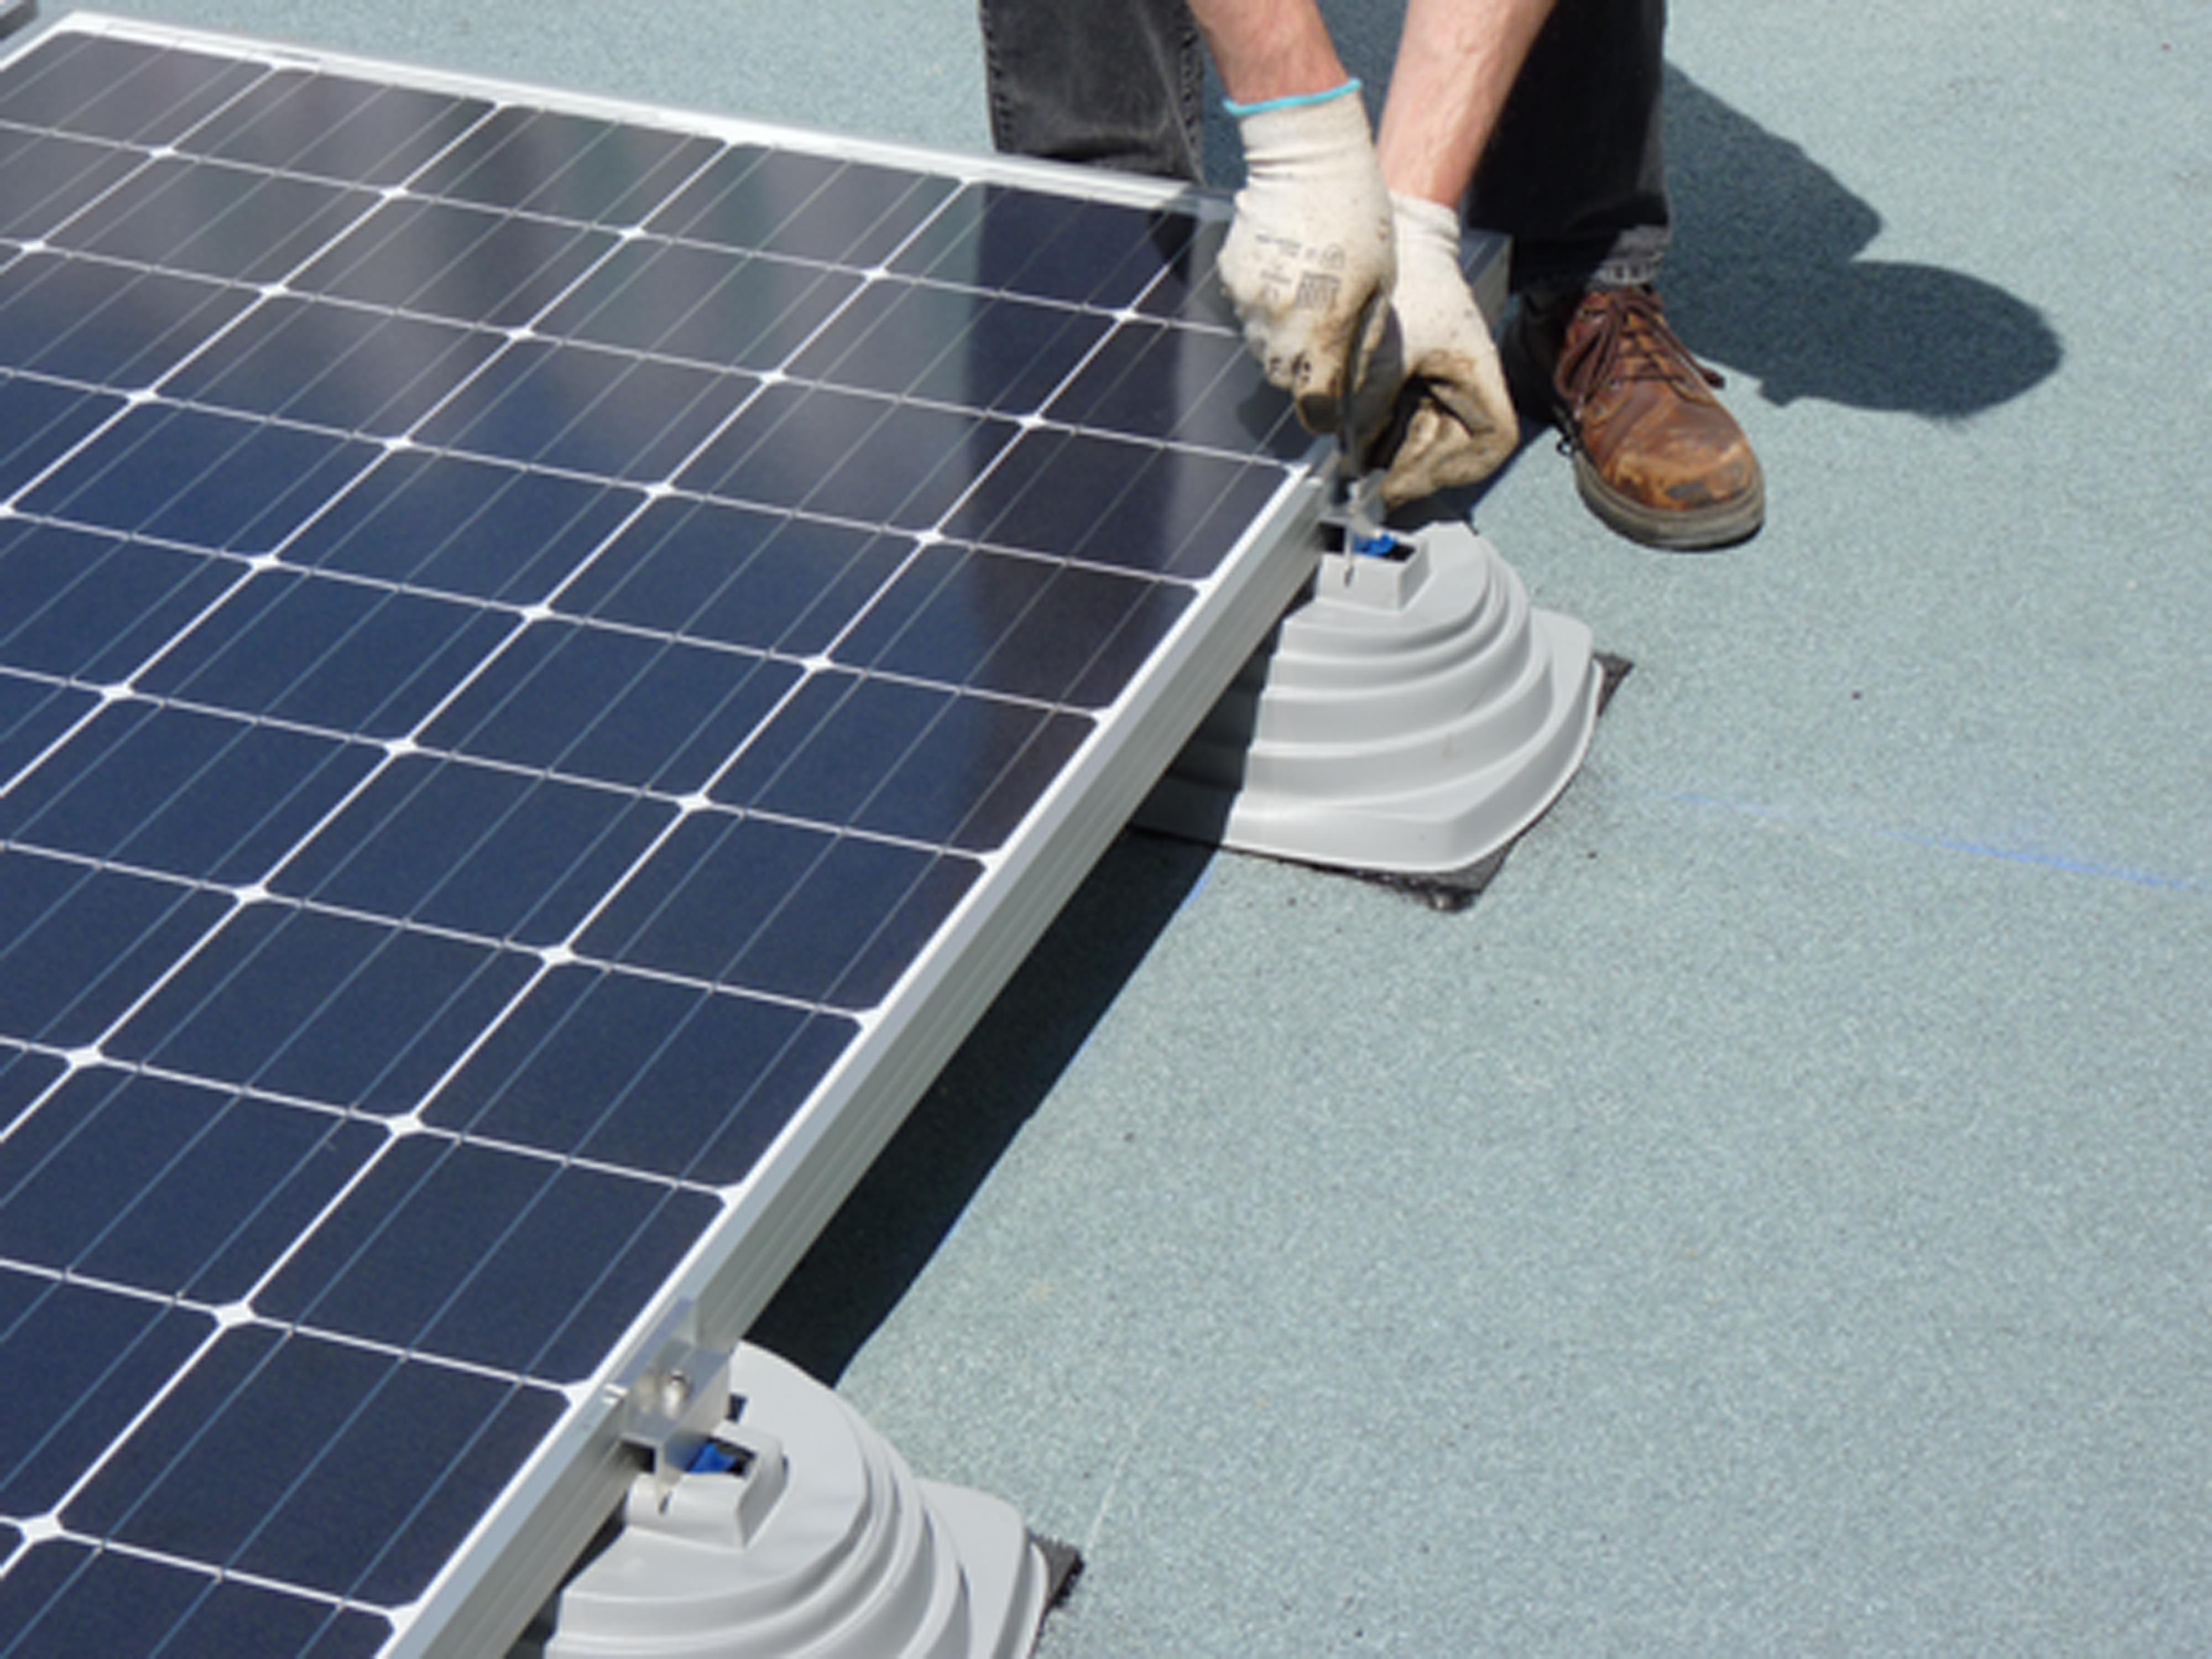 une nouvelle solution d tanch it photovolta que solardis batipresse. Black Bedroom Furniture Sets. Home Design Ideas